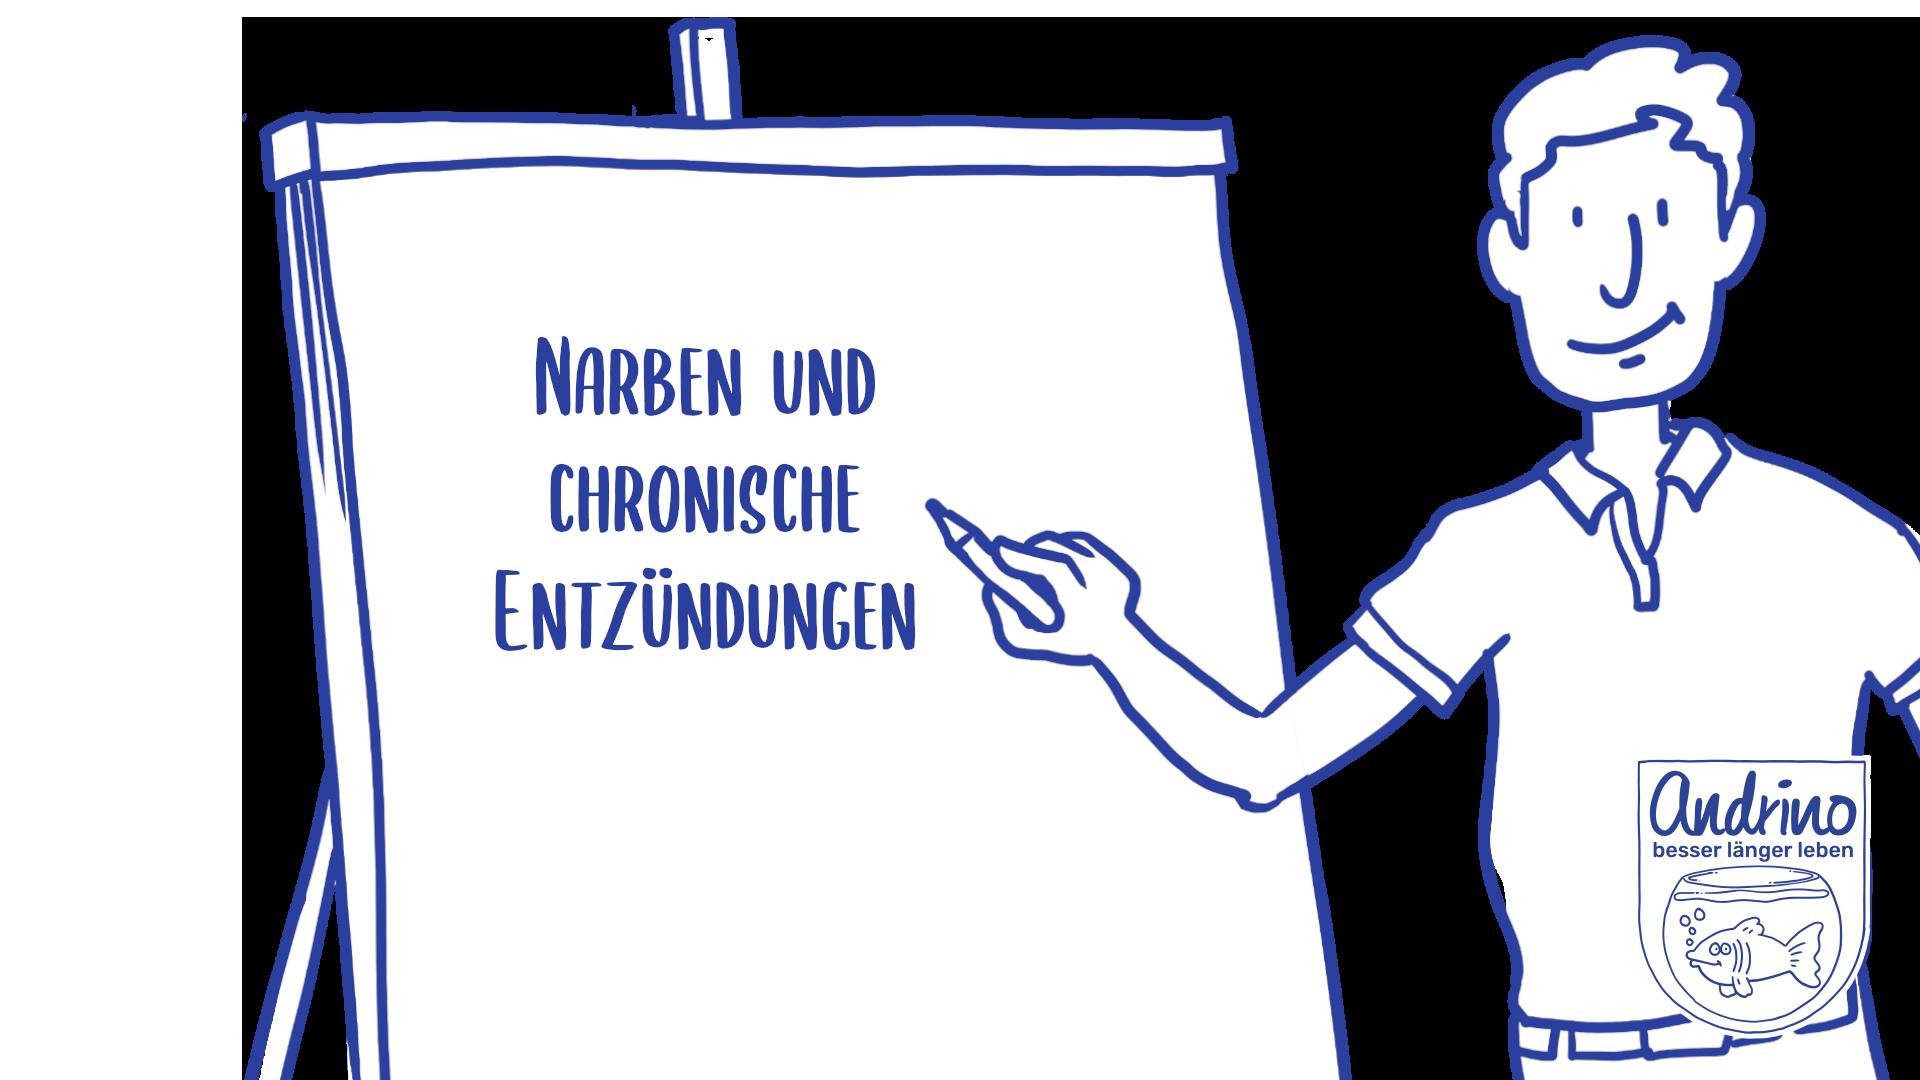 Narben und chronische Entzündungen als Krankheitsherde